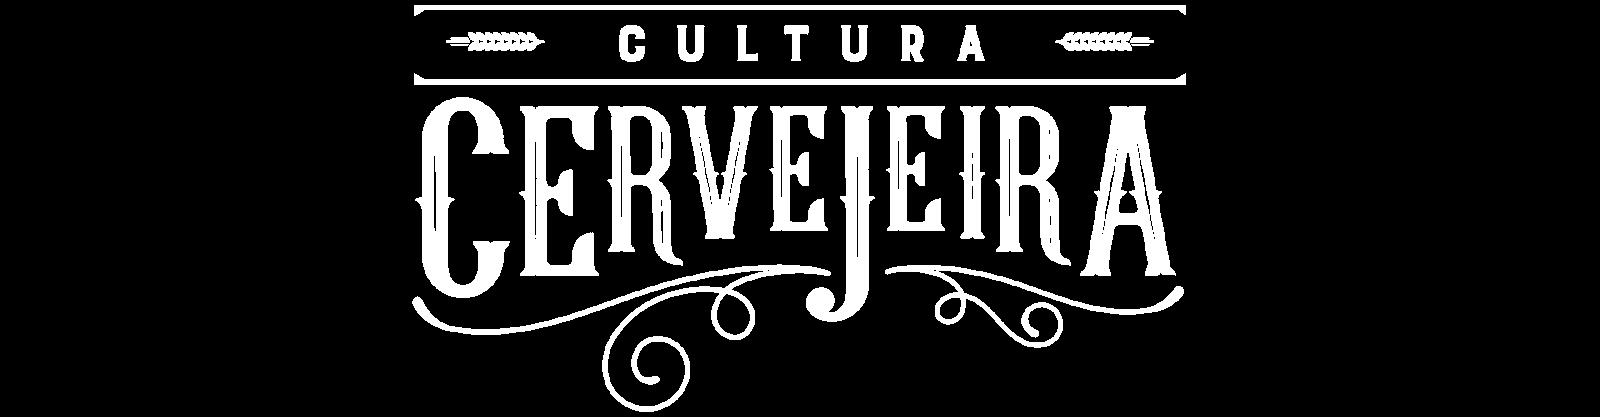 Cultura Cervejeira